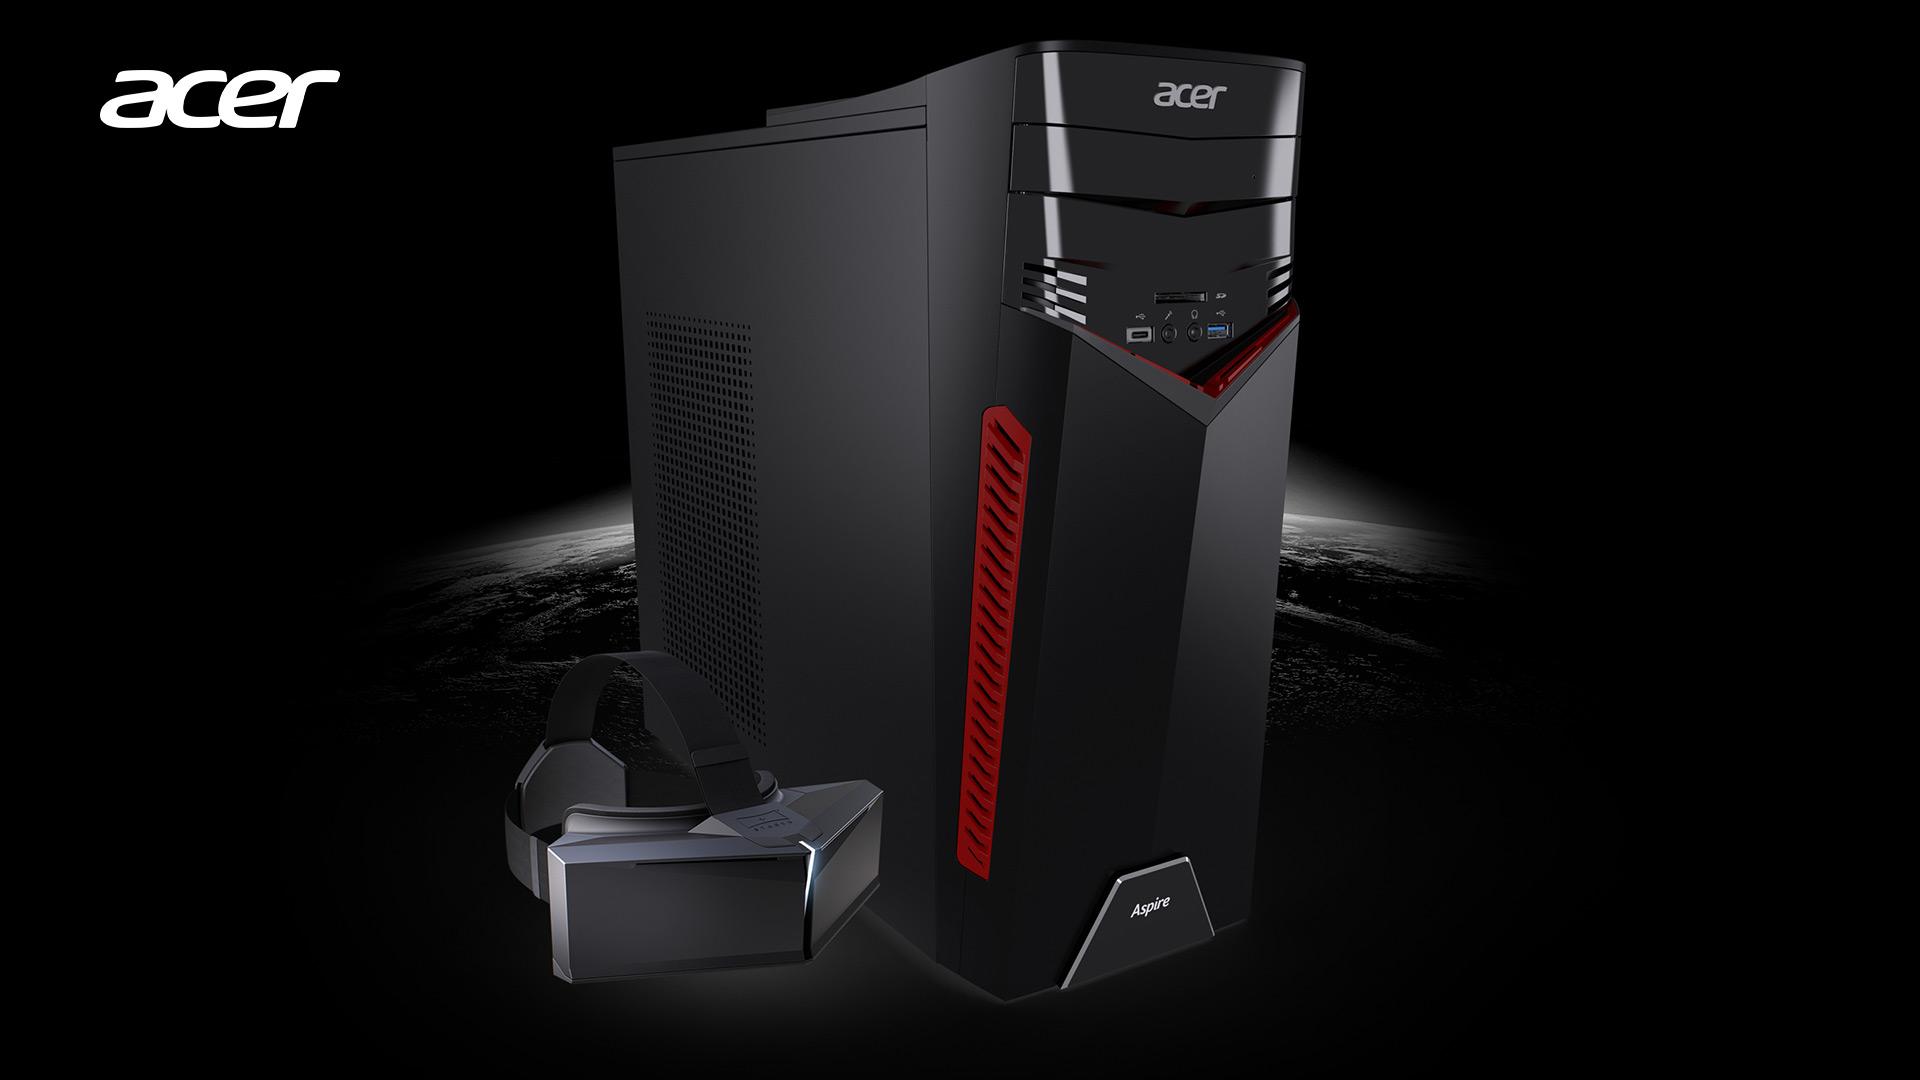 Acer Aspire GX-781: Cenově dostupnější alternativa k Predator desktopům 153957